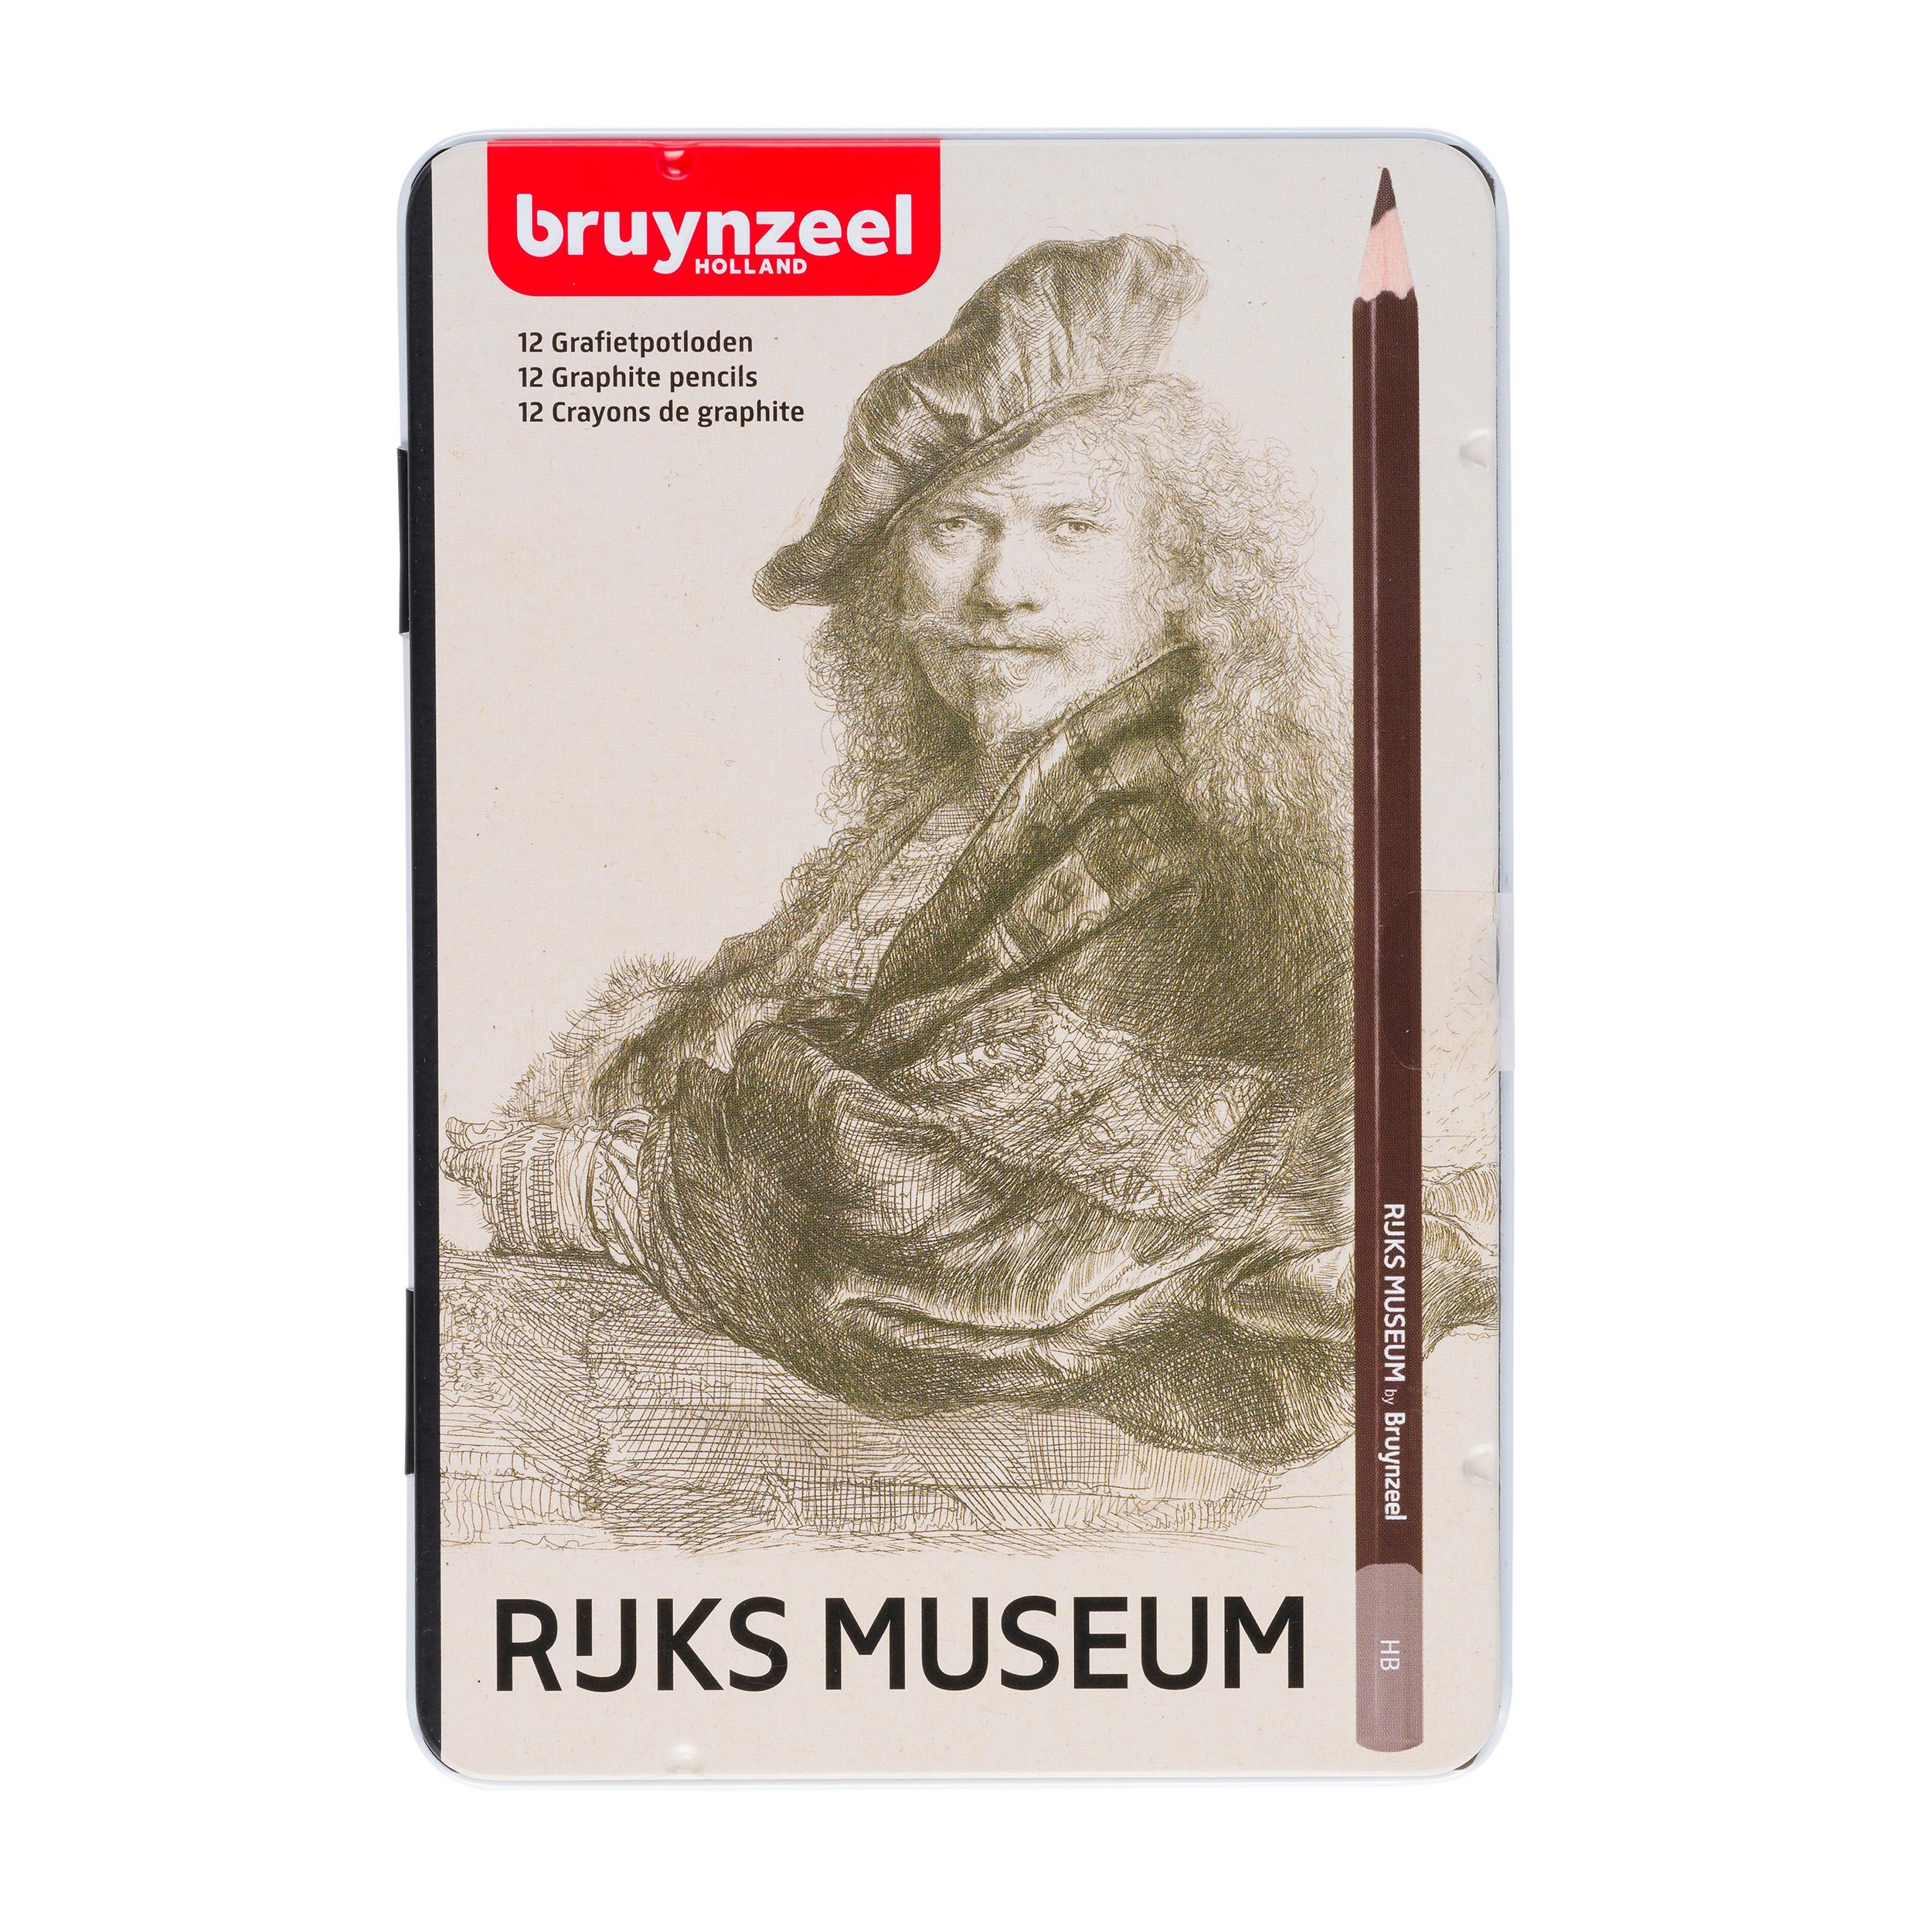 Bruynzeel Bruynzeel, Van Rijn